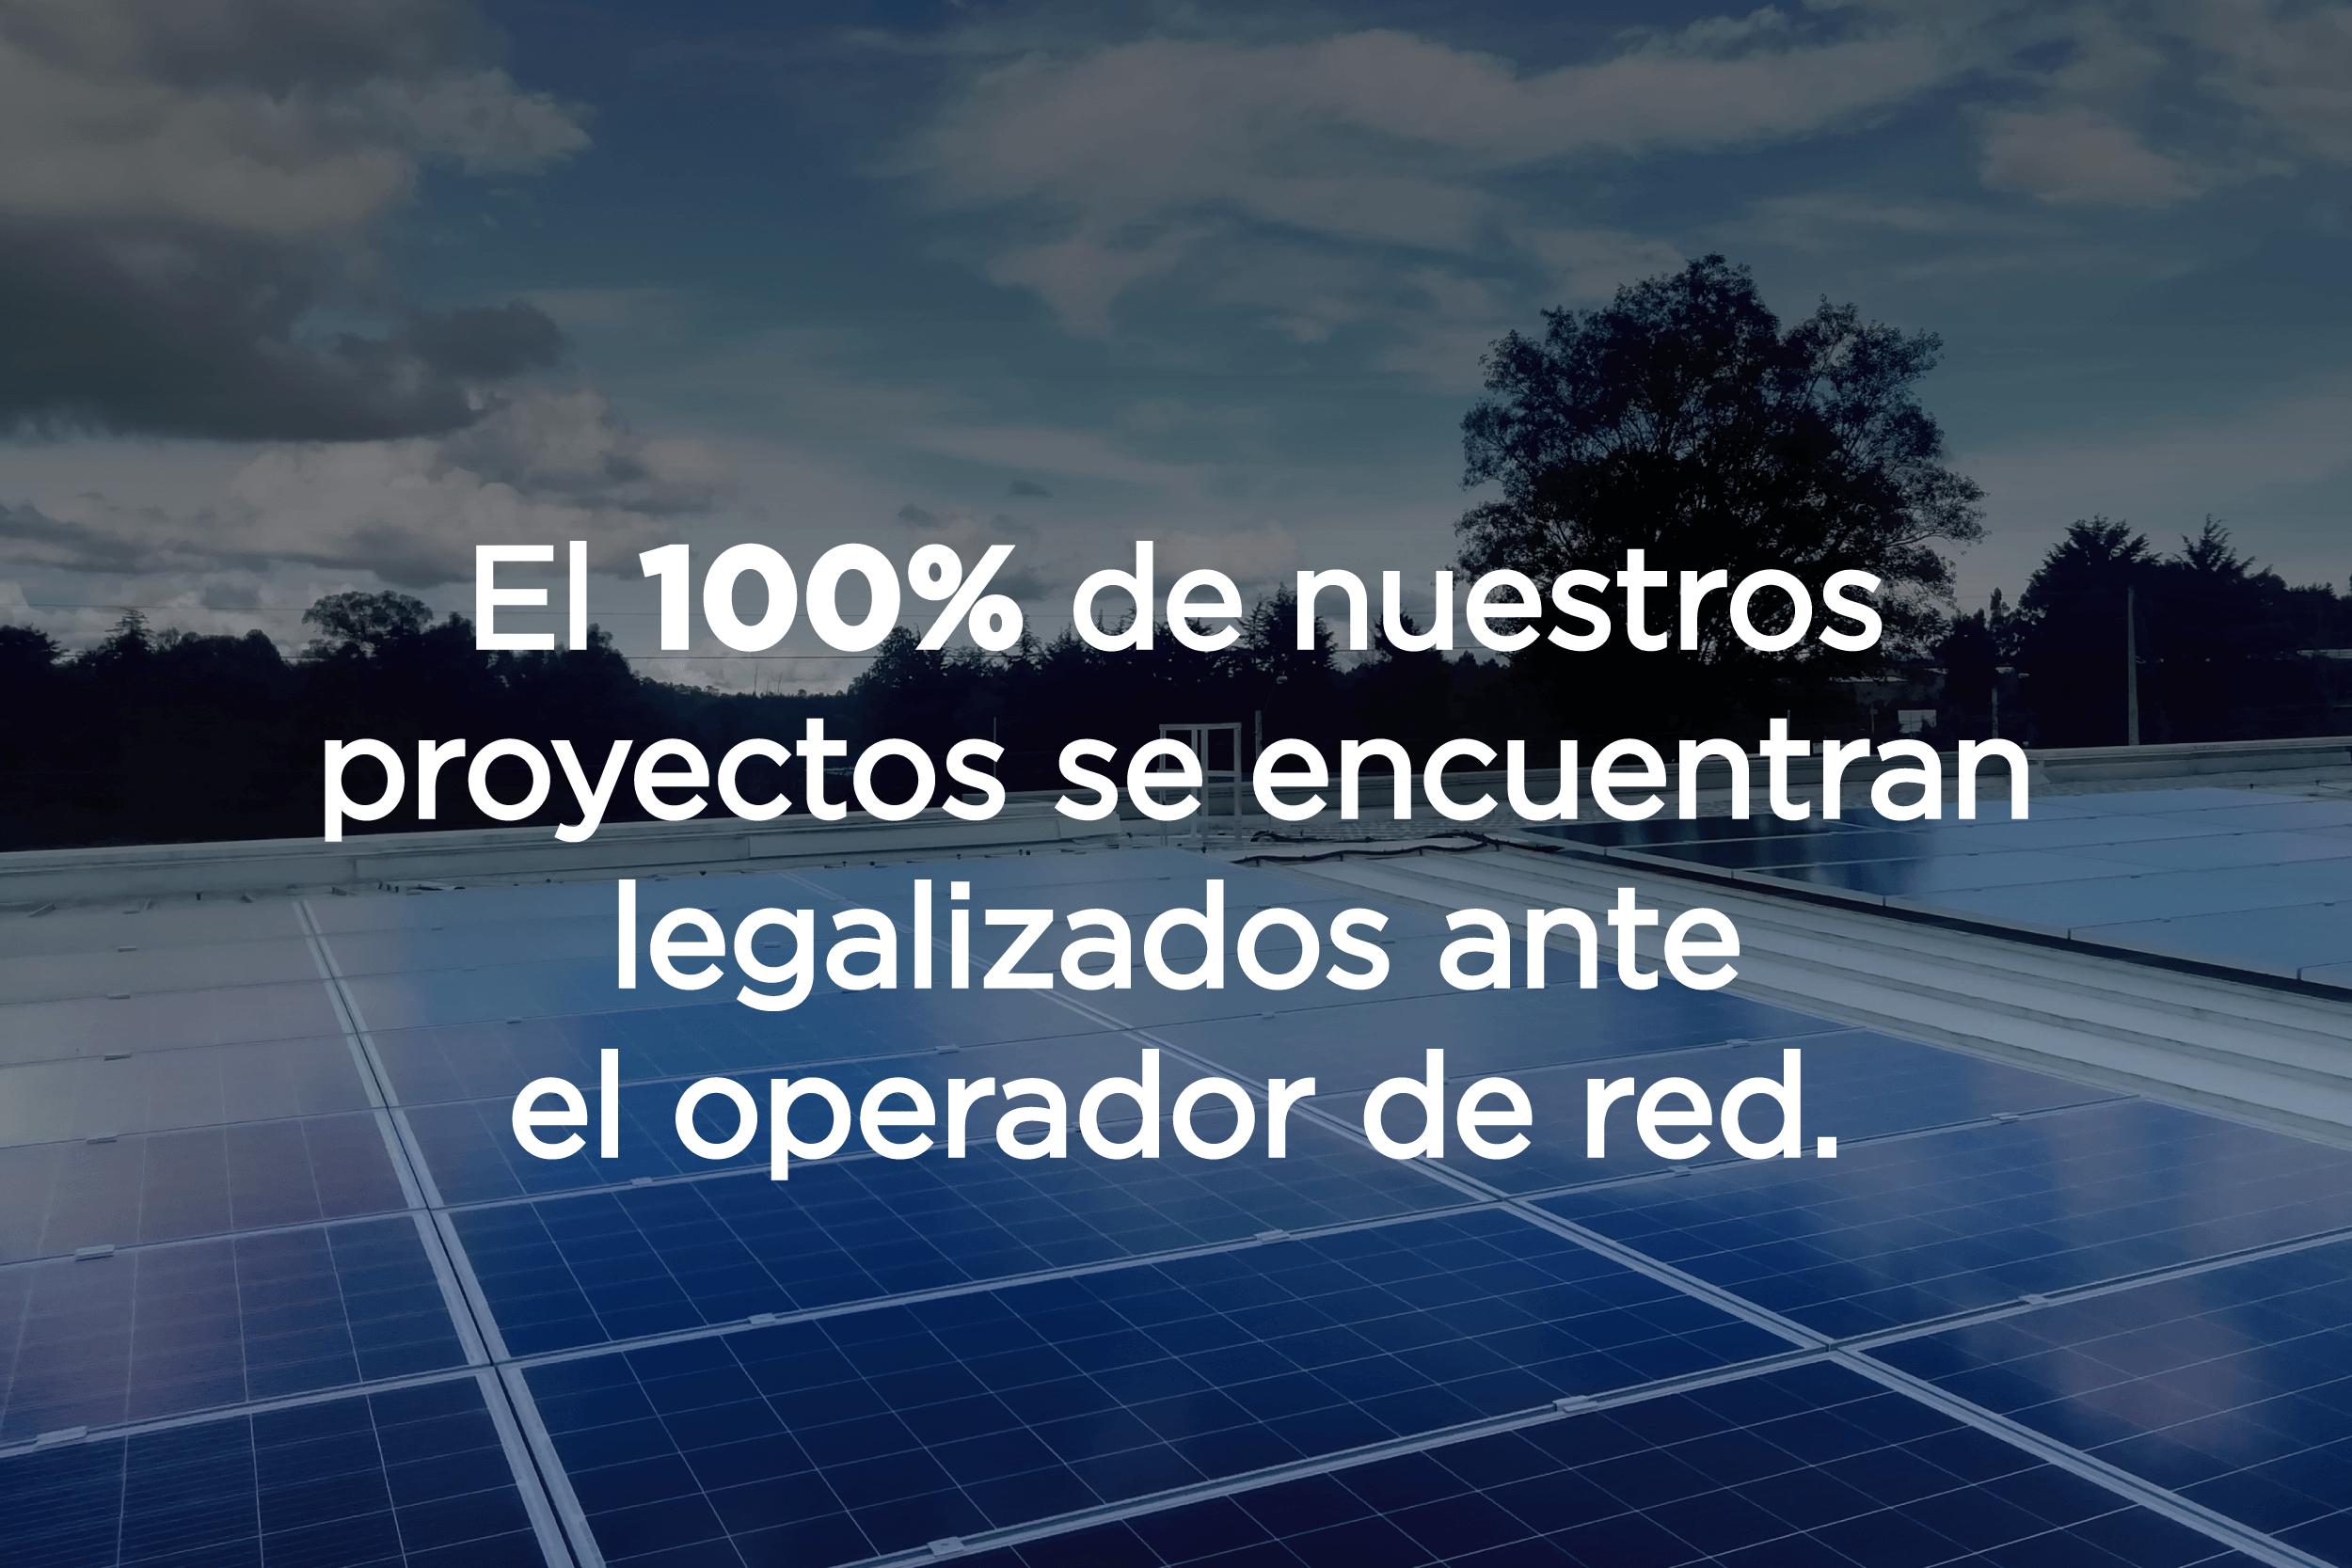 El 100% de nuestros proyectos se encuentran legalizados ante el operador de red